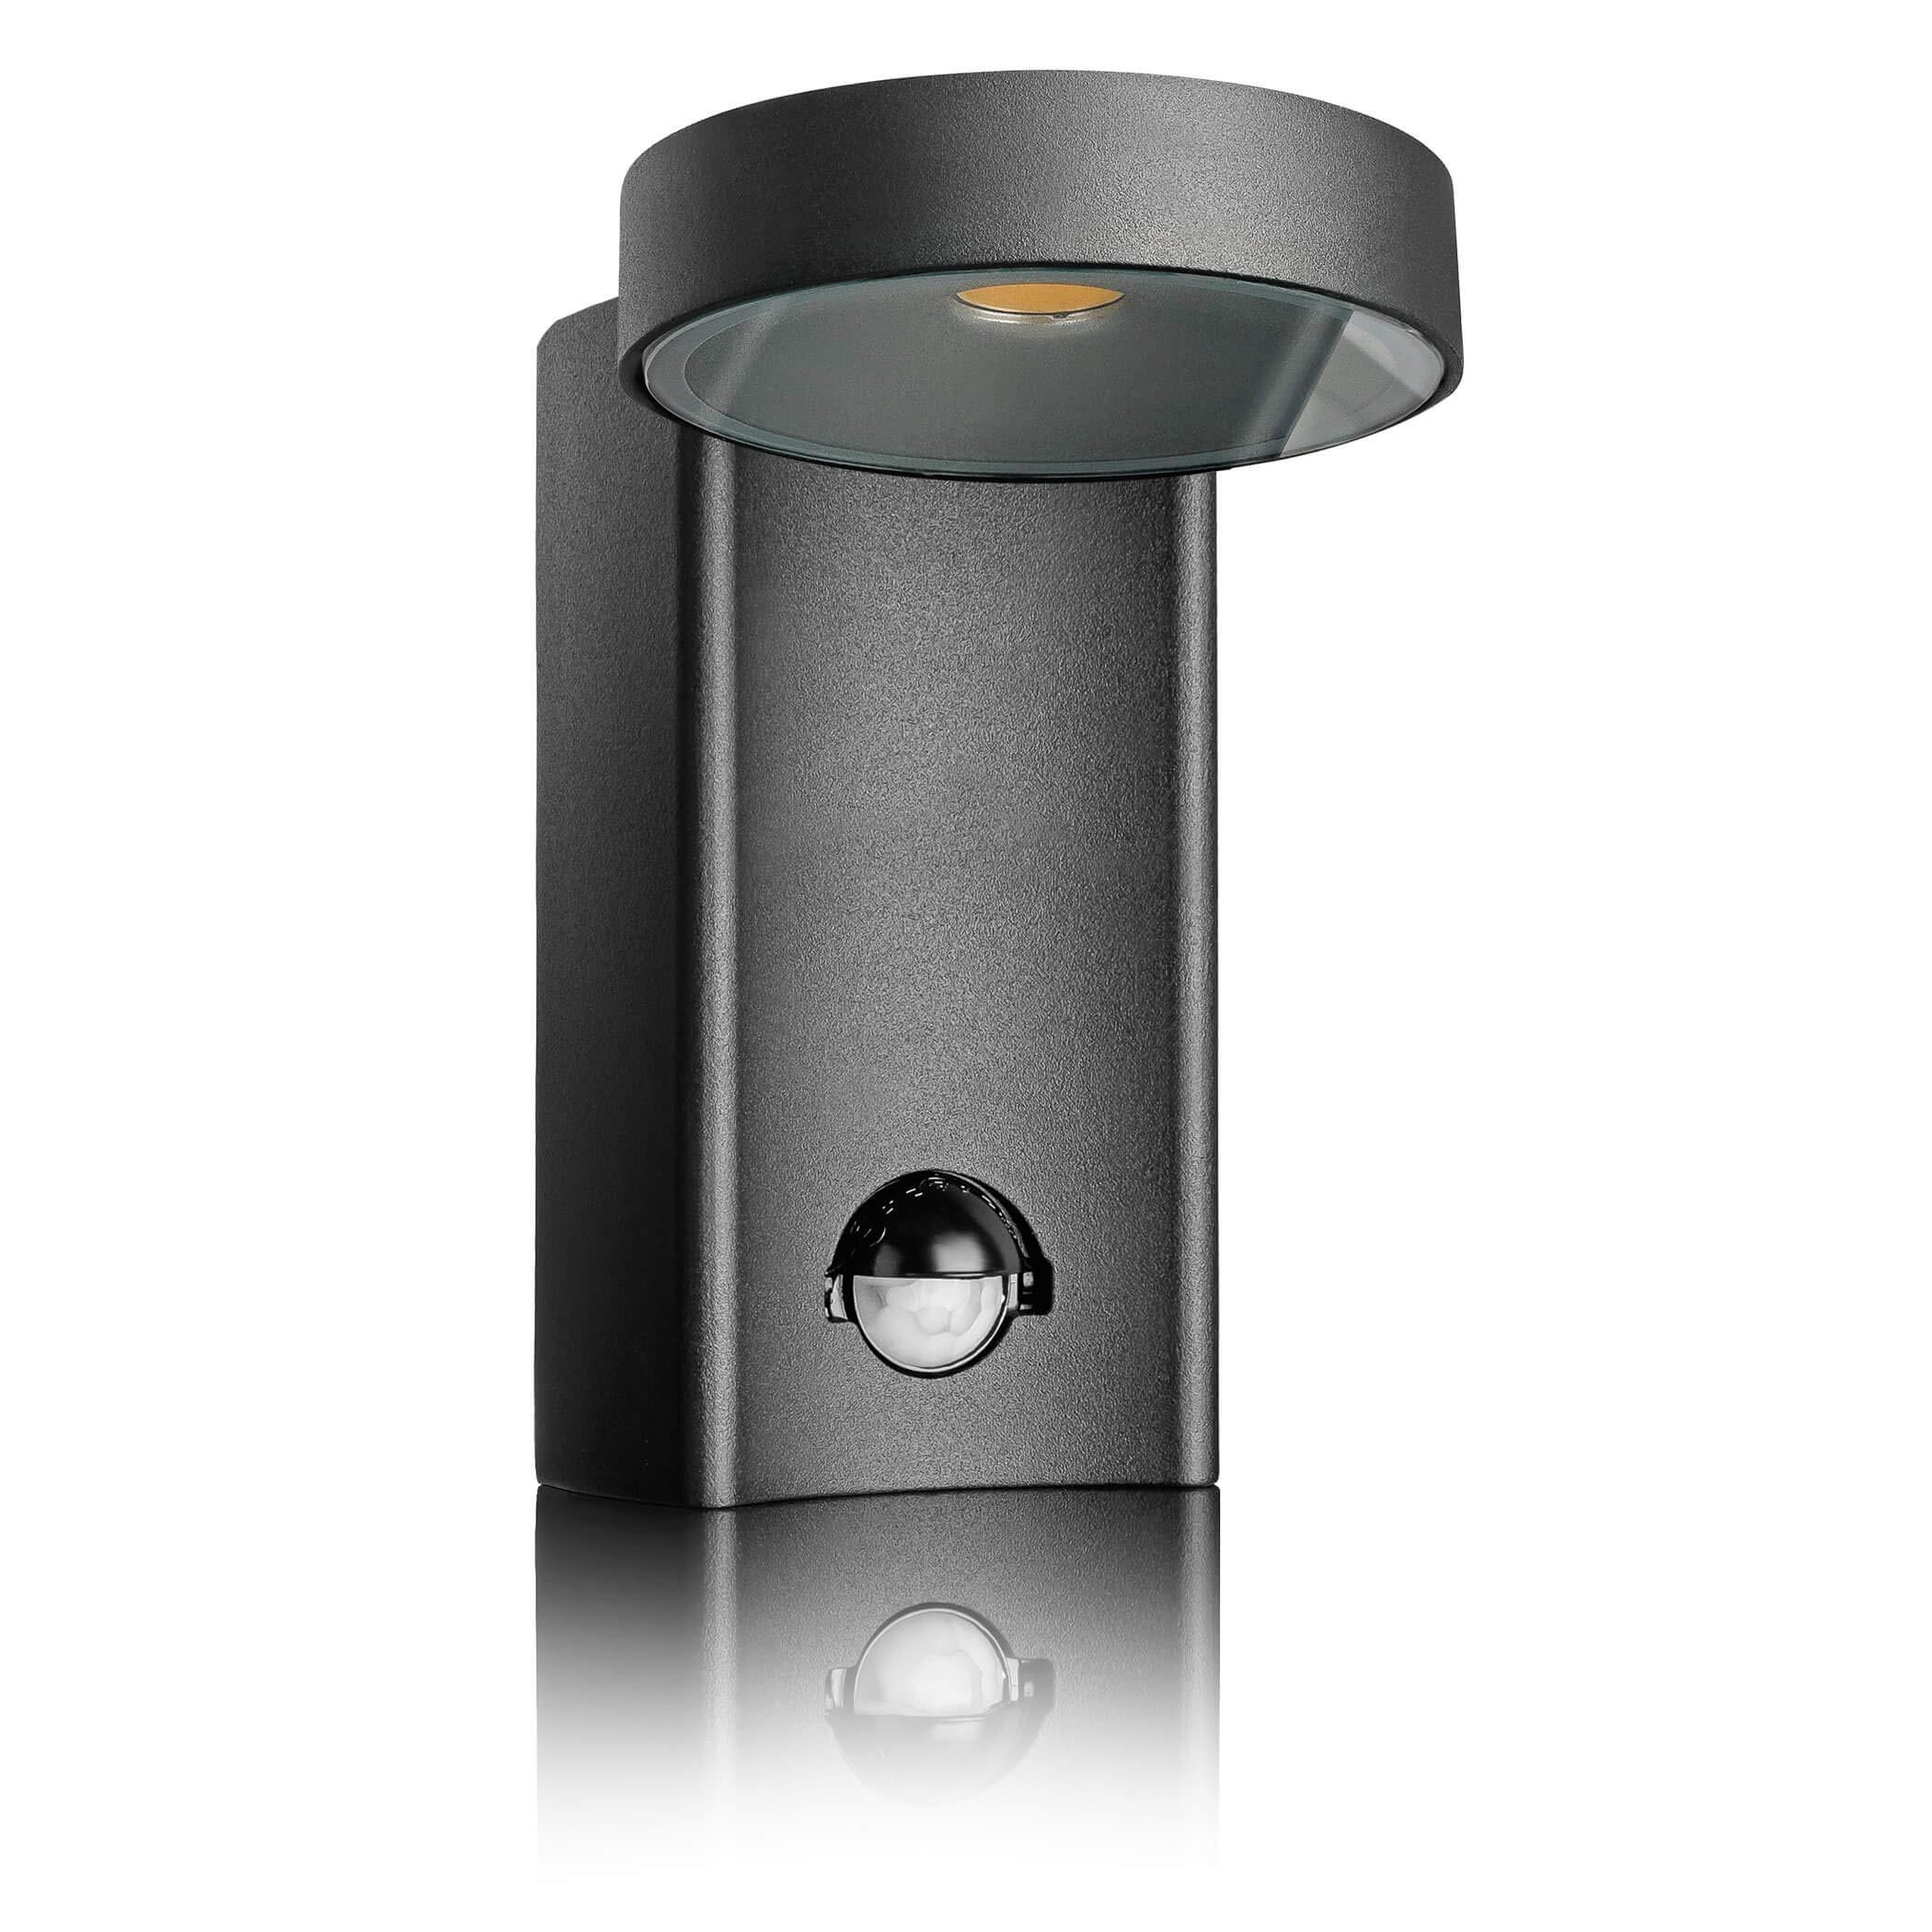 SEBSON LED Lámpara de Exterior con Sensor Movimiento, Aplique de Pared, Negro, Aluminio, 10W, 950lm, Blanco Frío 6500K, Orientable, IP54: Amazon.es: Iluminación